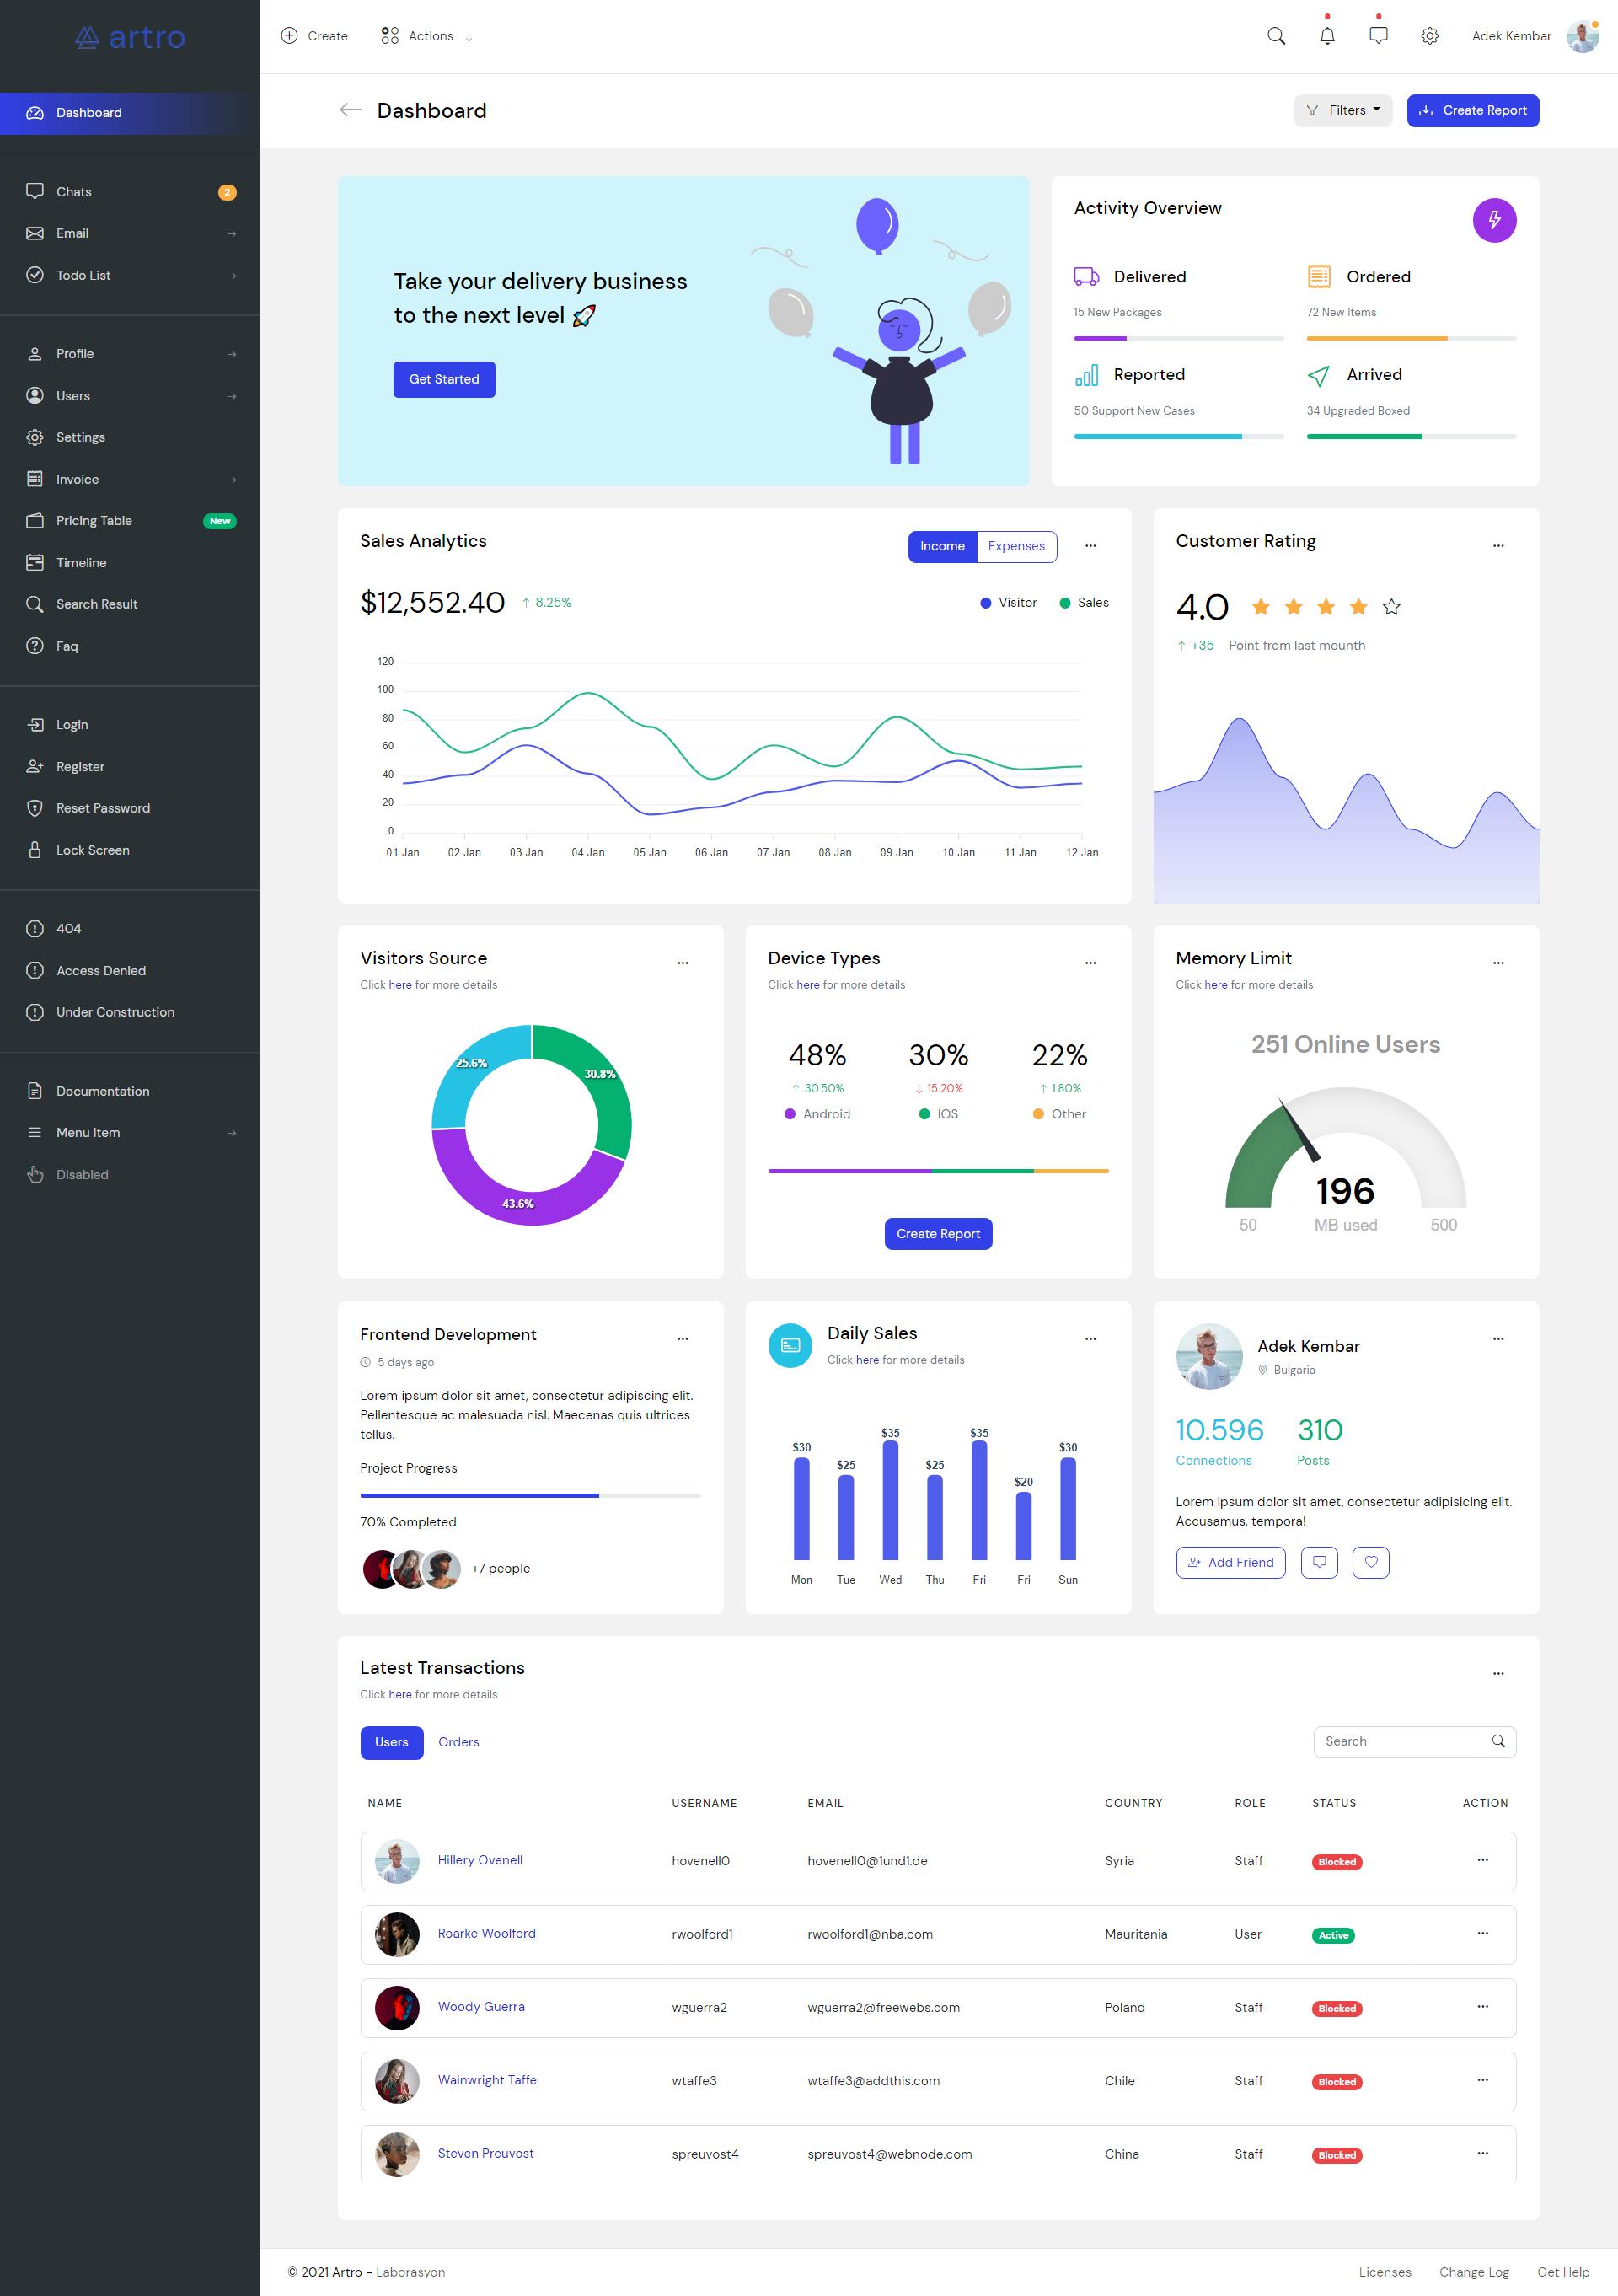 Artro - HTML5 Admin Dashboard Template